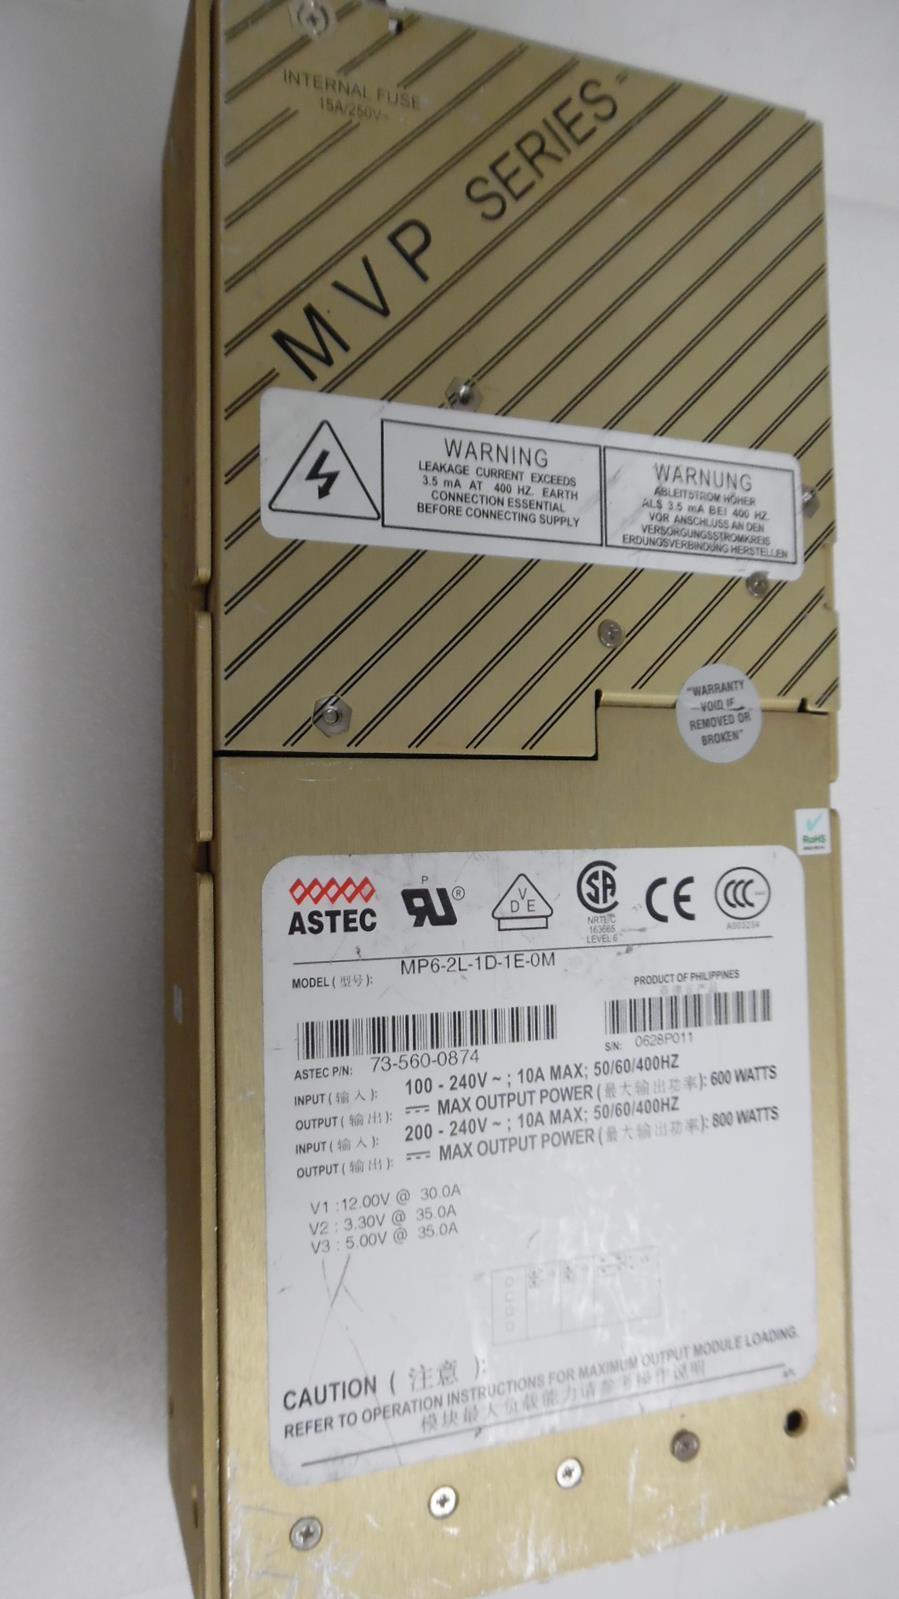 37236-MP6-2L-1D-1E-0M_108_base